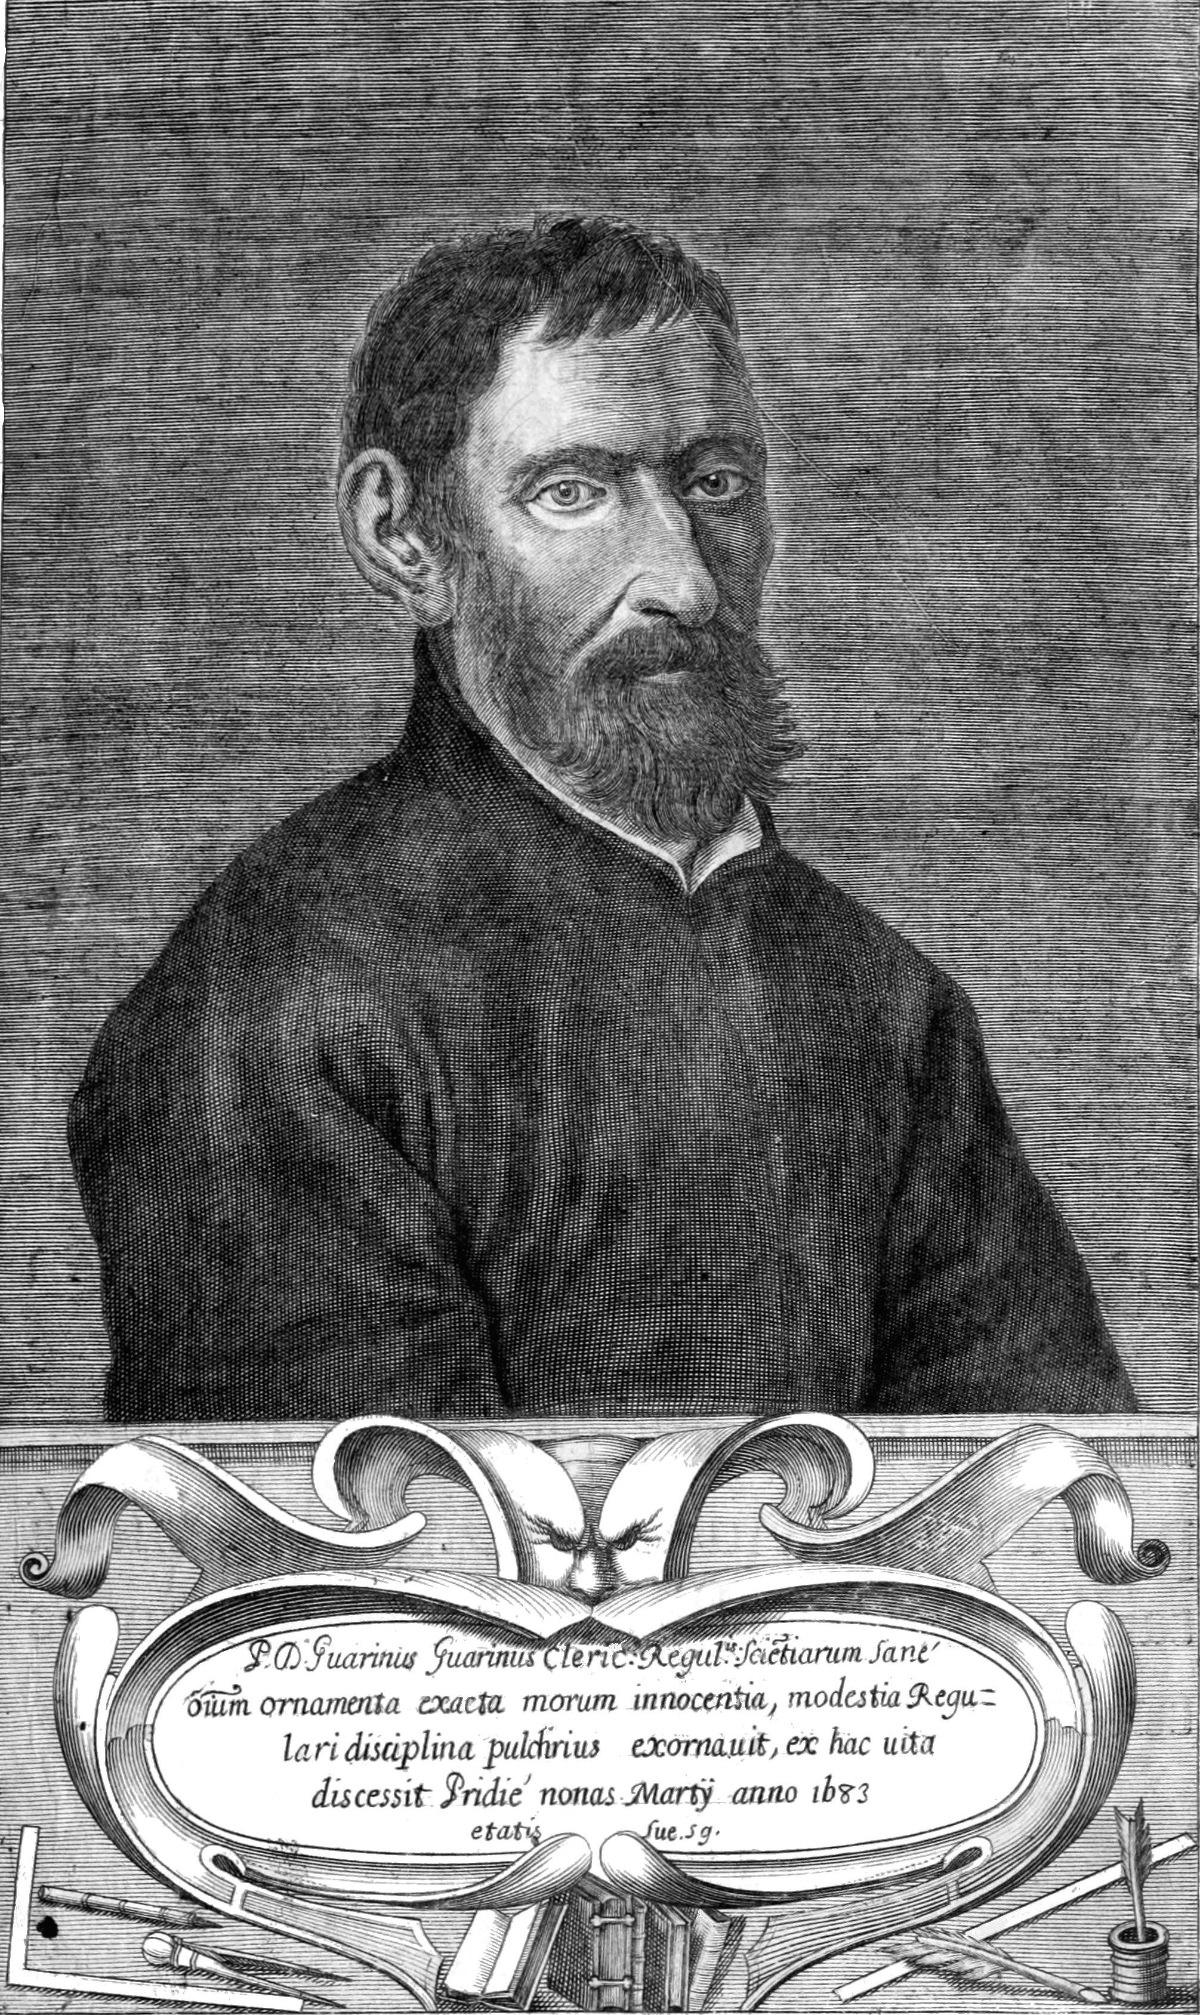 Guarino Guarini Dissegni d'architettura civile et ecclesiastica